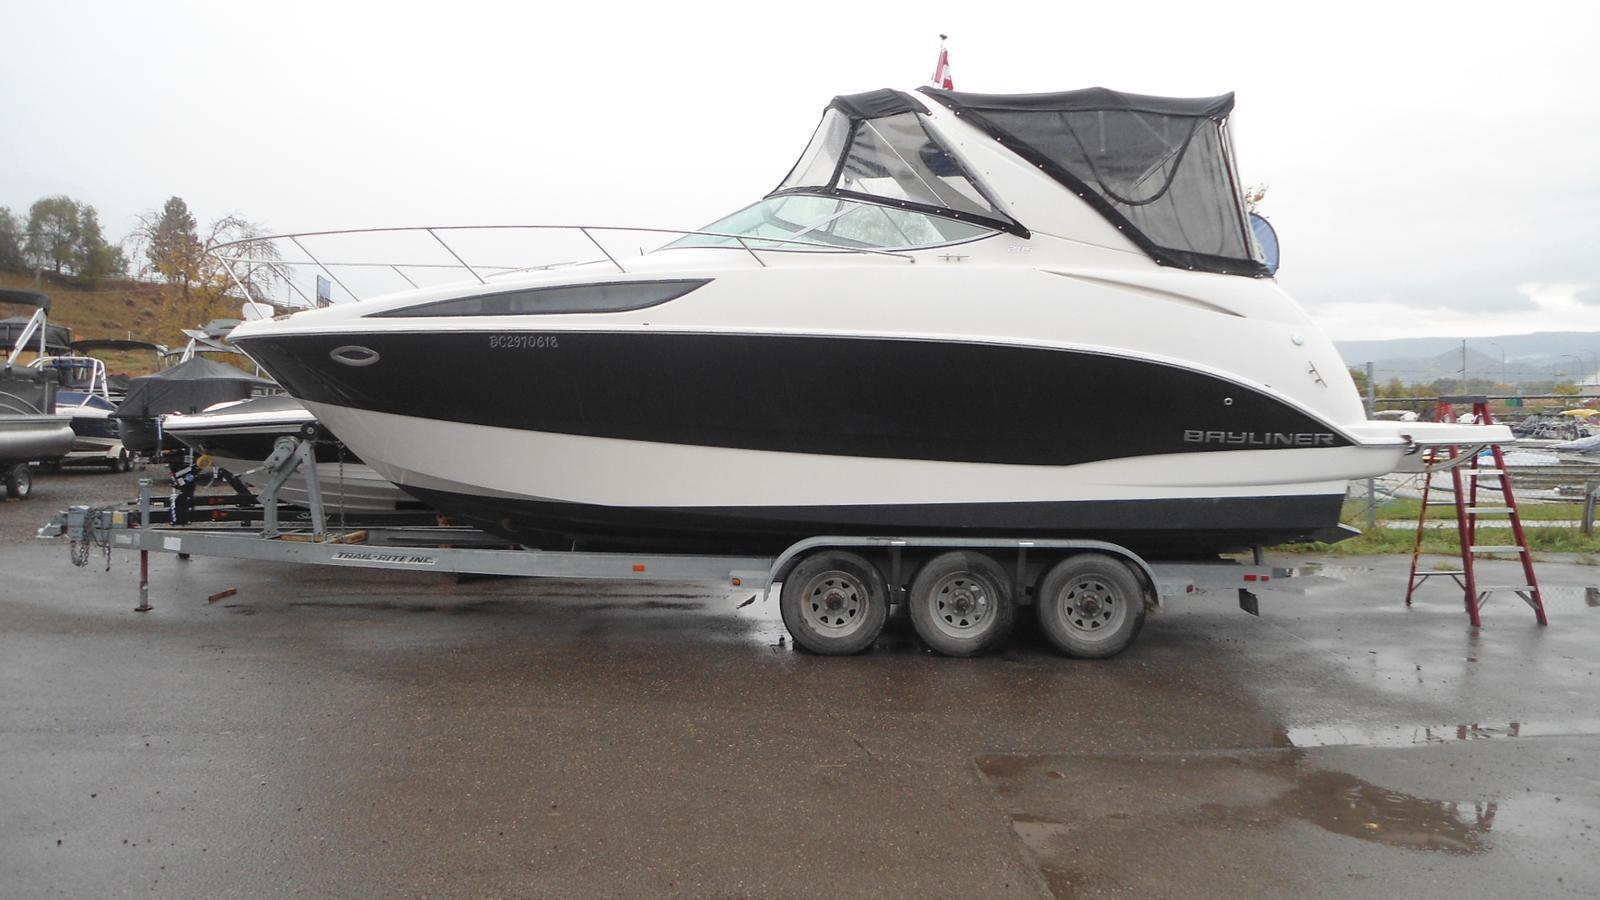 For Sale: 2011 Bayliner 285 29ft<br/>Dockside Marine Centre, LTD.